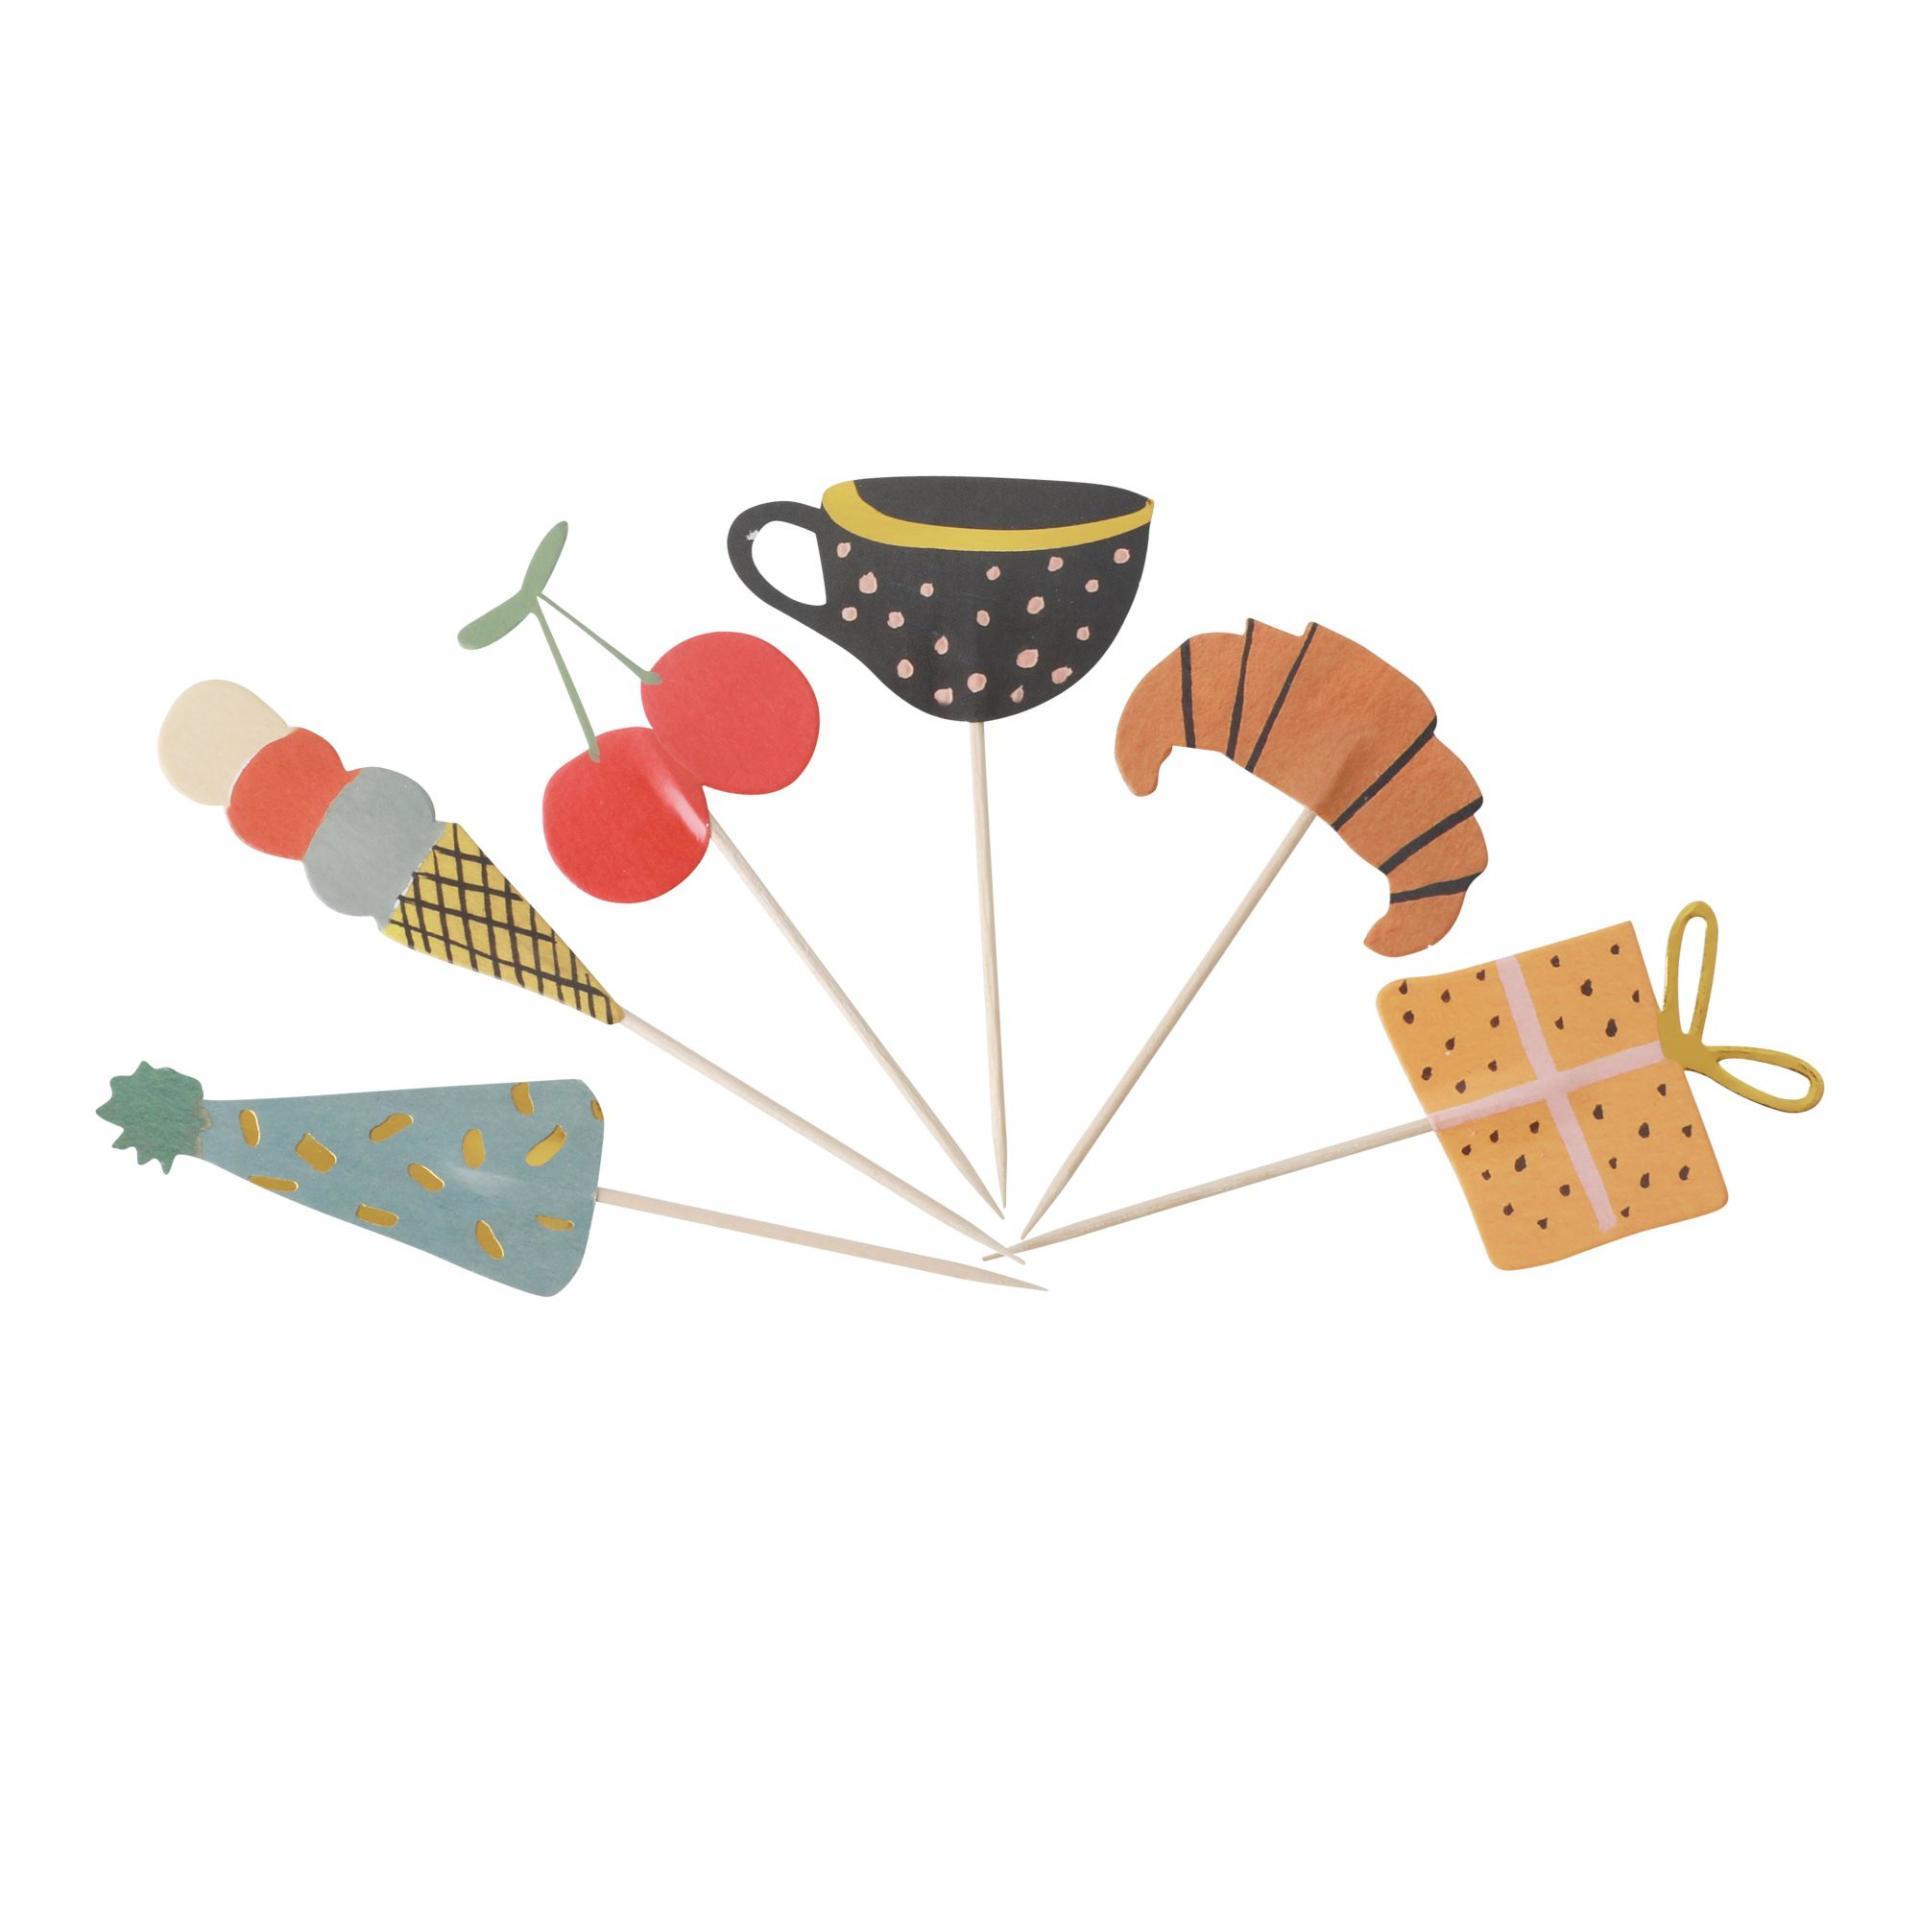 rice Party napichovátka Celebrate - 24 ks, multi barva, dřevo, papír